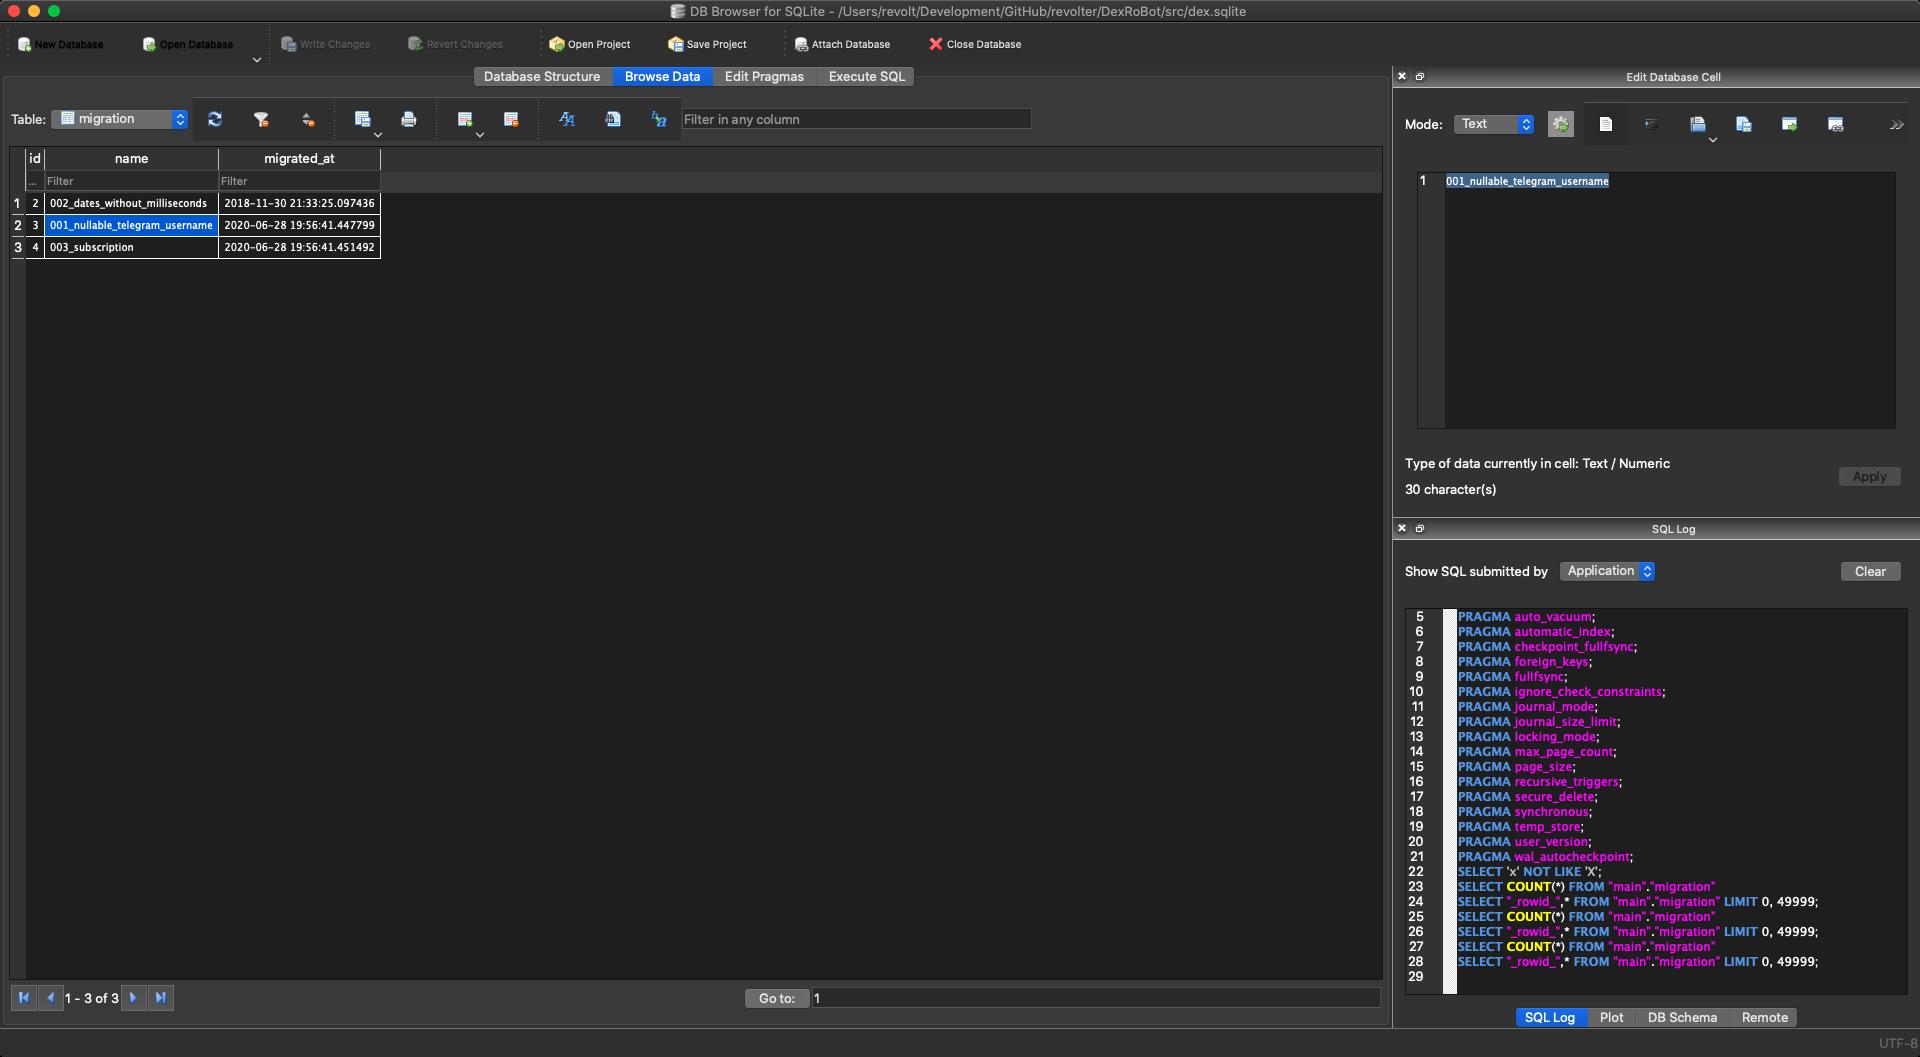 Screenshot 2020-07-01 at 12 48 52